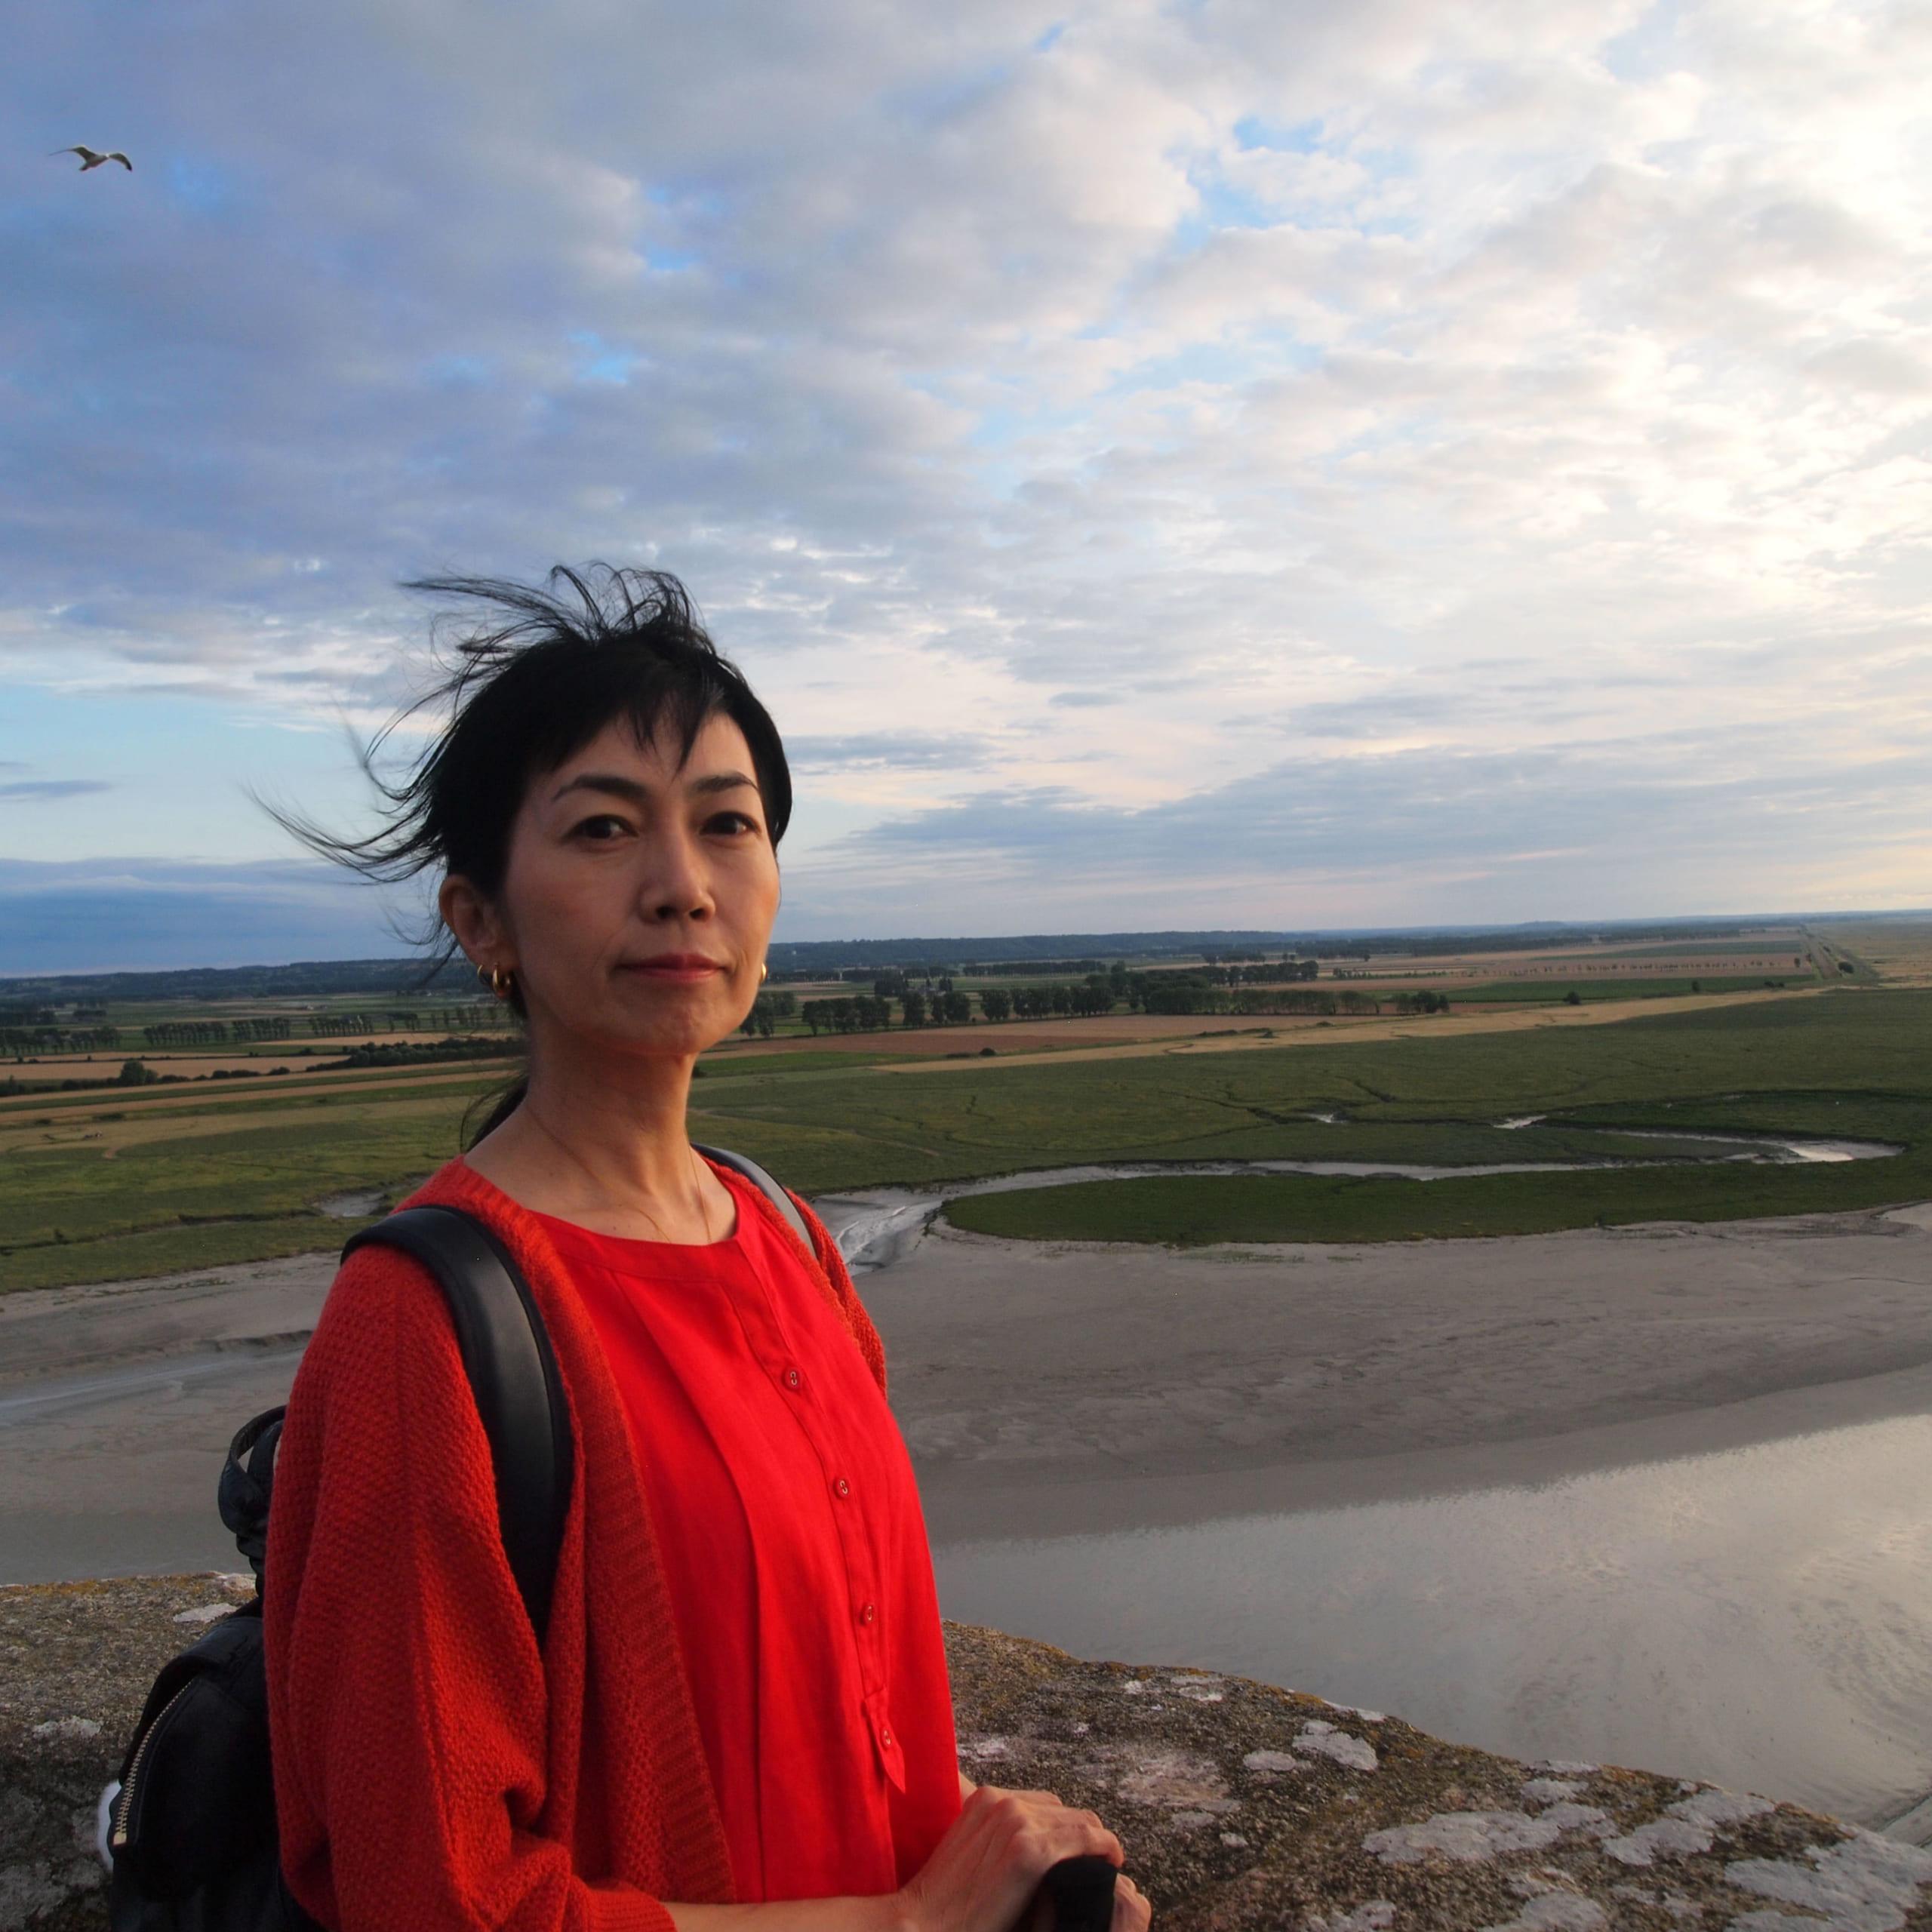 ミステリーハンター竹内海南江が、世界で一番怖いものは○○○だった!?